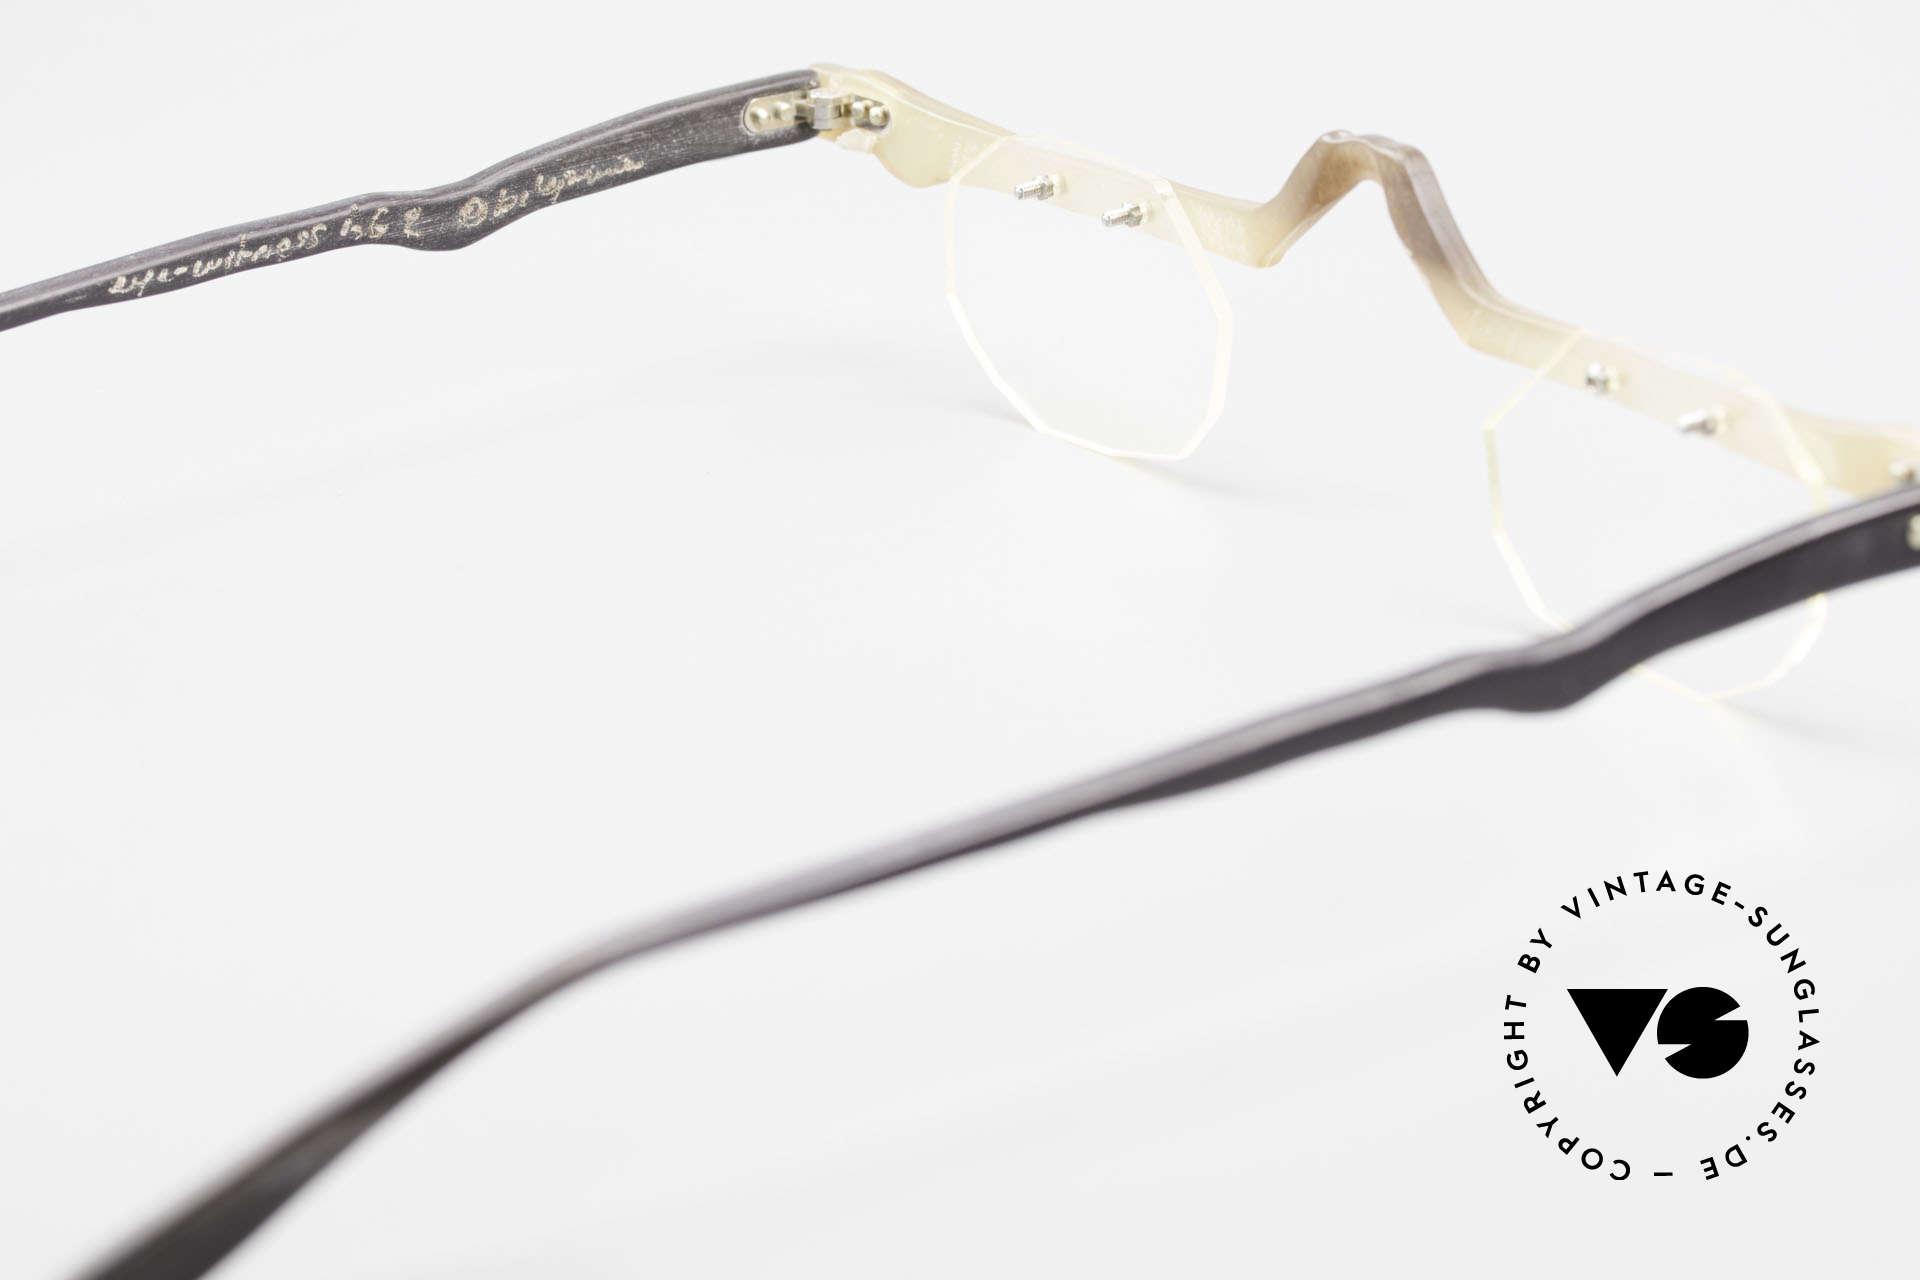 Theo Belgium Eye-Witness ACR Avantgarde Brille aus Horn, hier die Sonder-Edition: Rahmenfront aus Horn gemacht, Passend für Herren und Damen